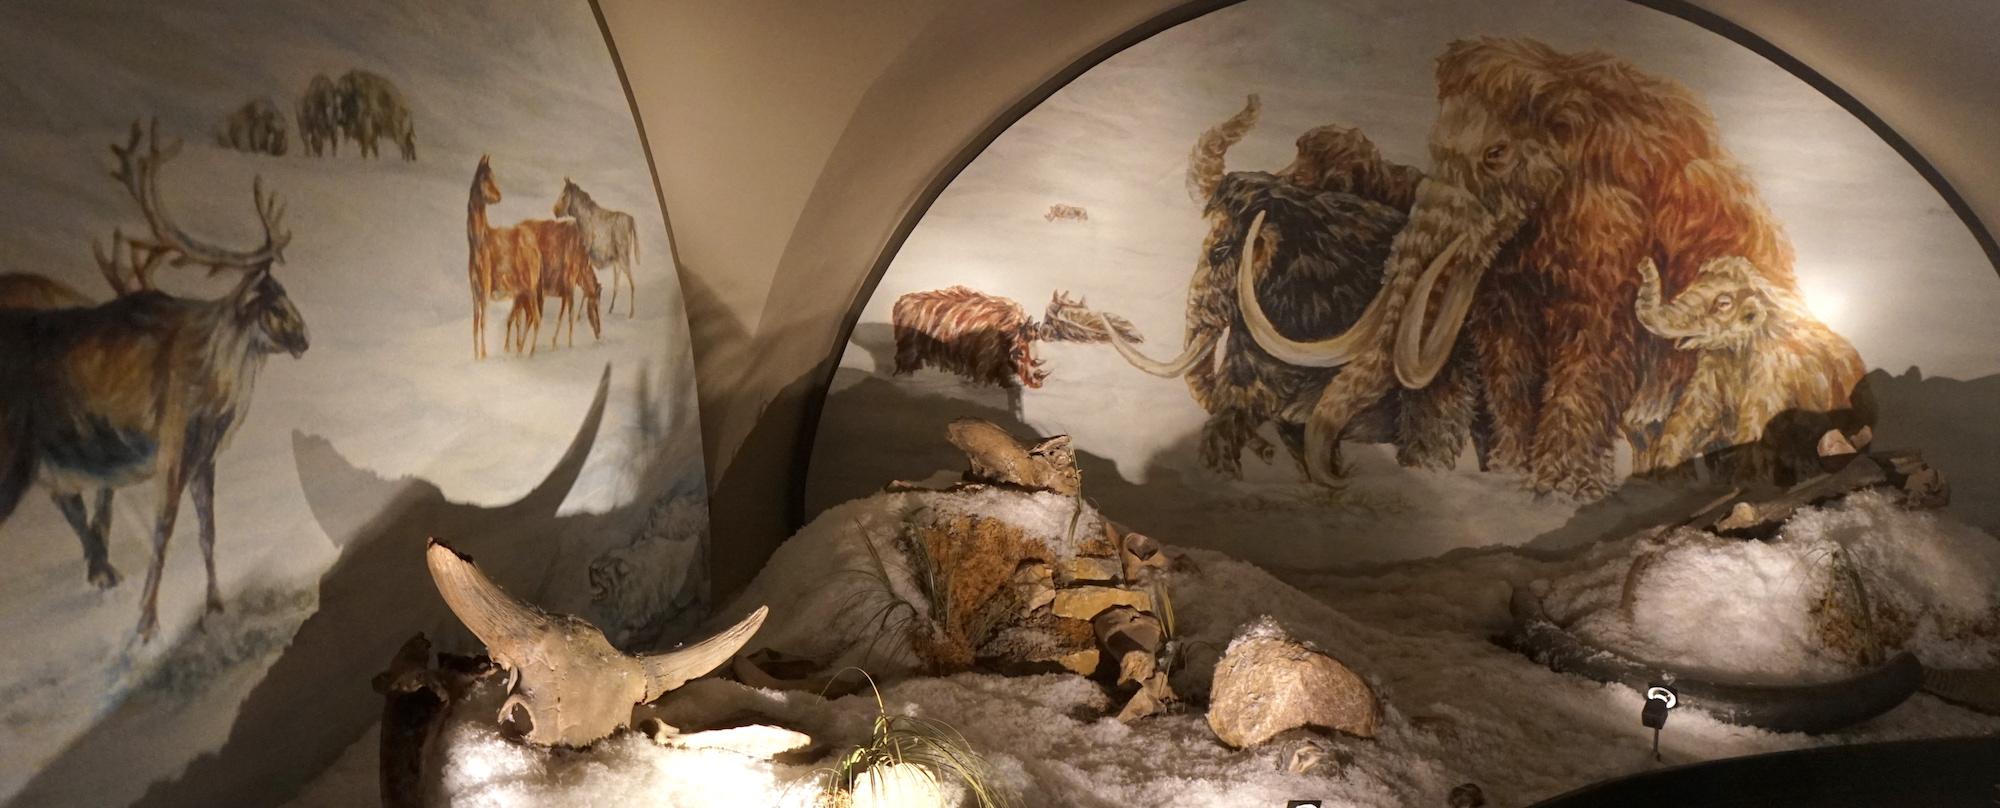 Nördliches Harzvorland, Städtisches Museum Schloss Salder Salzgitter, eiszeitliche Szene. Foto: Beate Ziehres